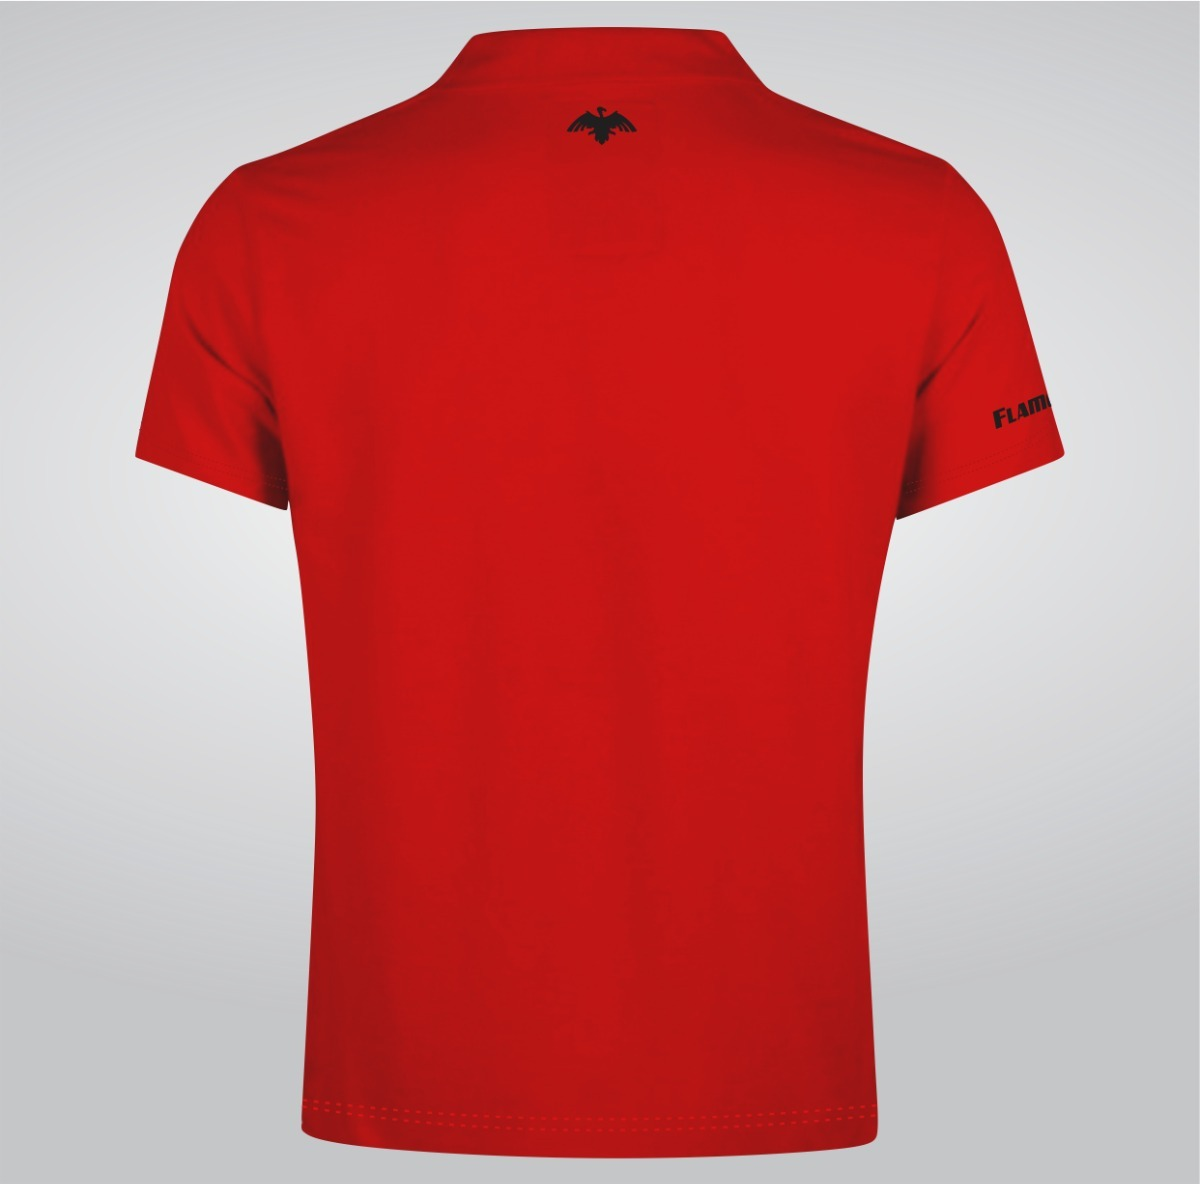 camisa camiseta flamengo polo torcedor preto ou branco fla. Carregando  zoom... camisa flamengo fla. Carregando zoom. fd15ea15e3b5e